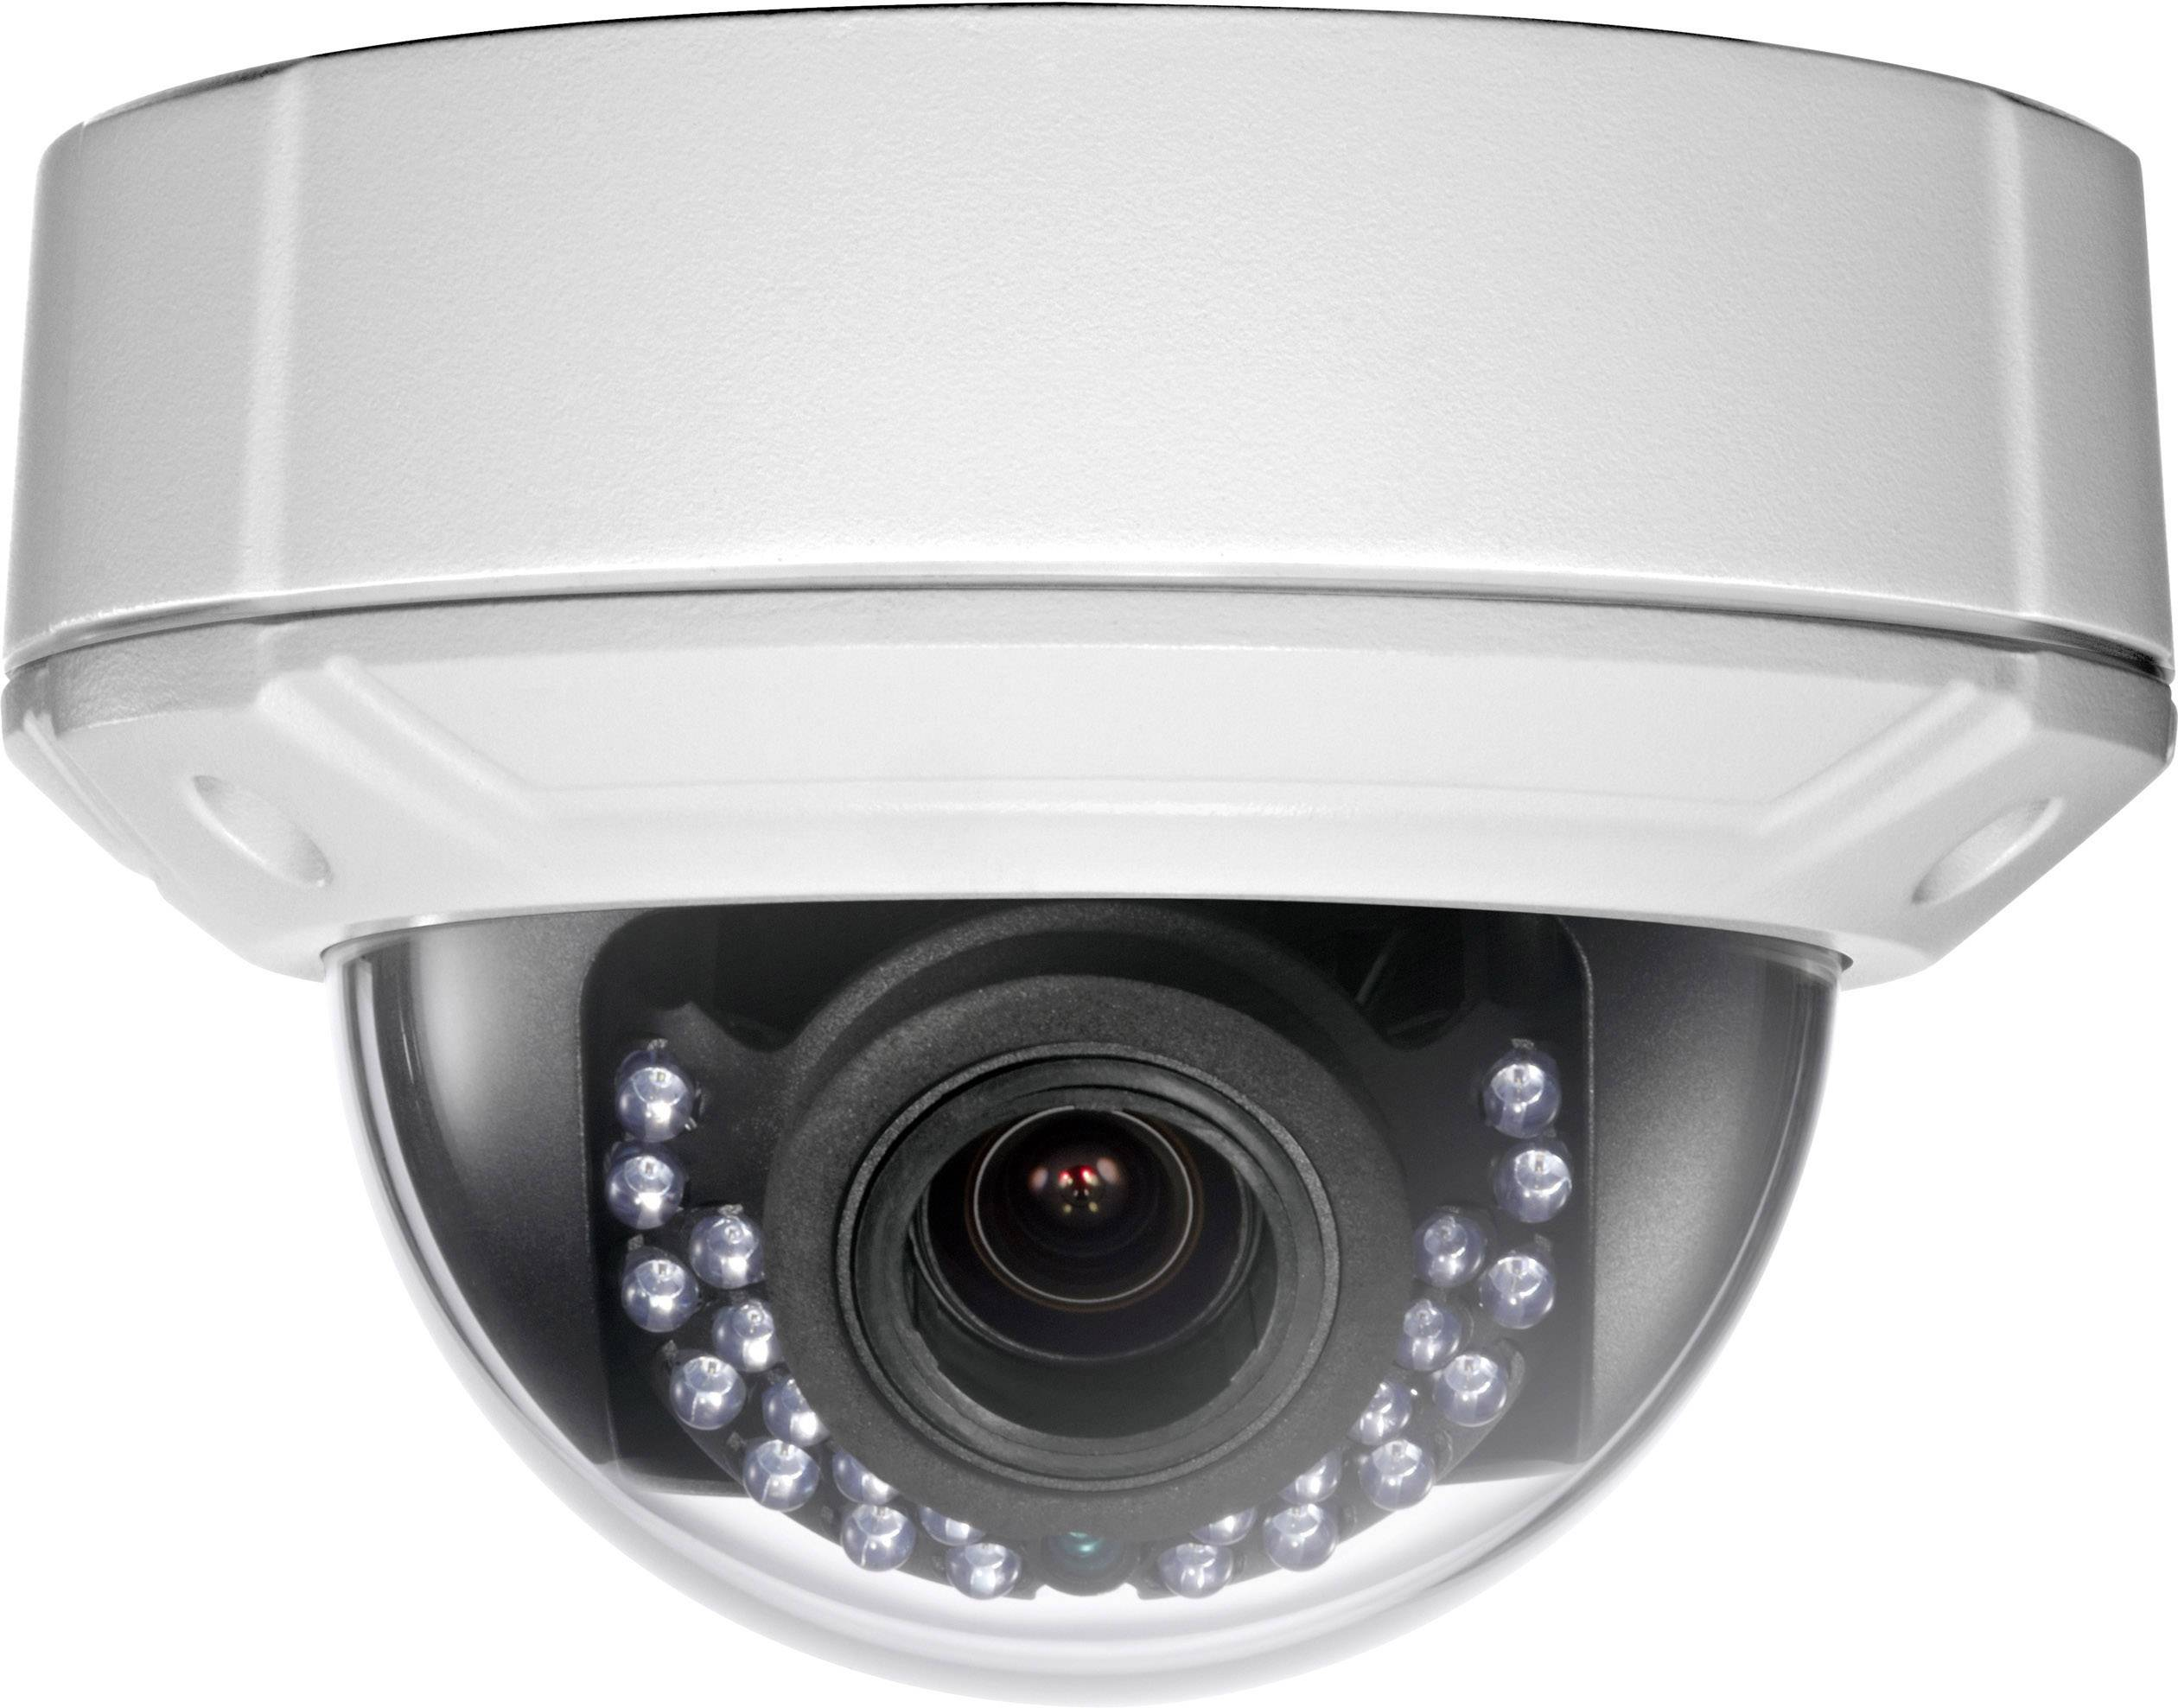 Bezpečnostní kamera HiWatch DS-I127, LAN, 1280 x 960 pix